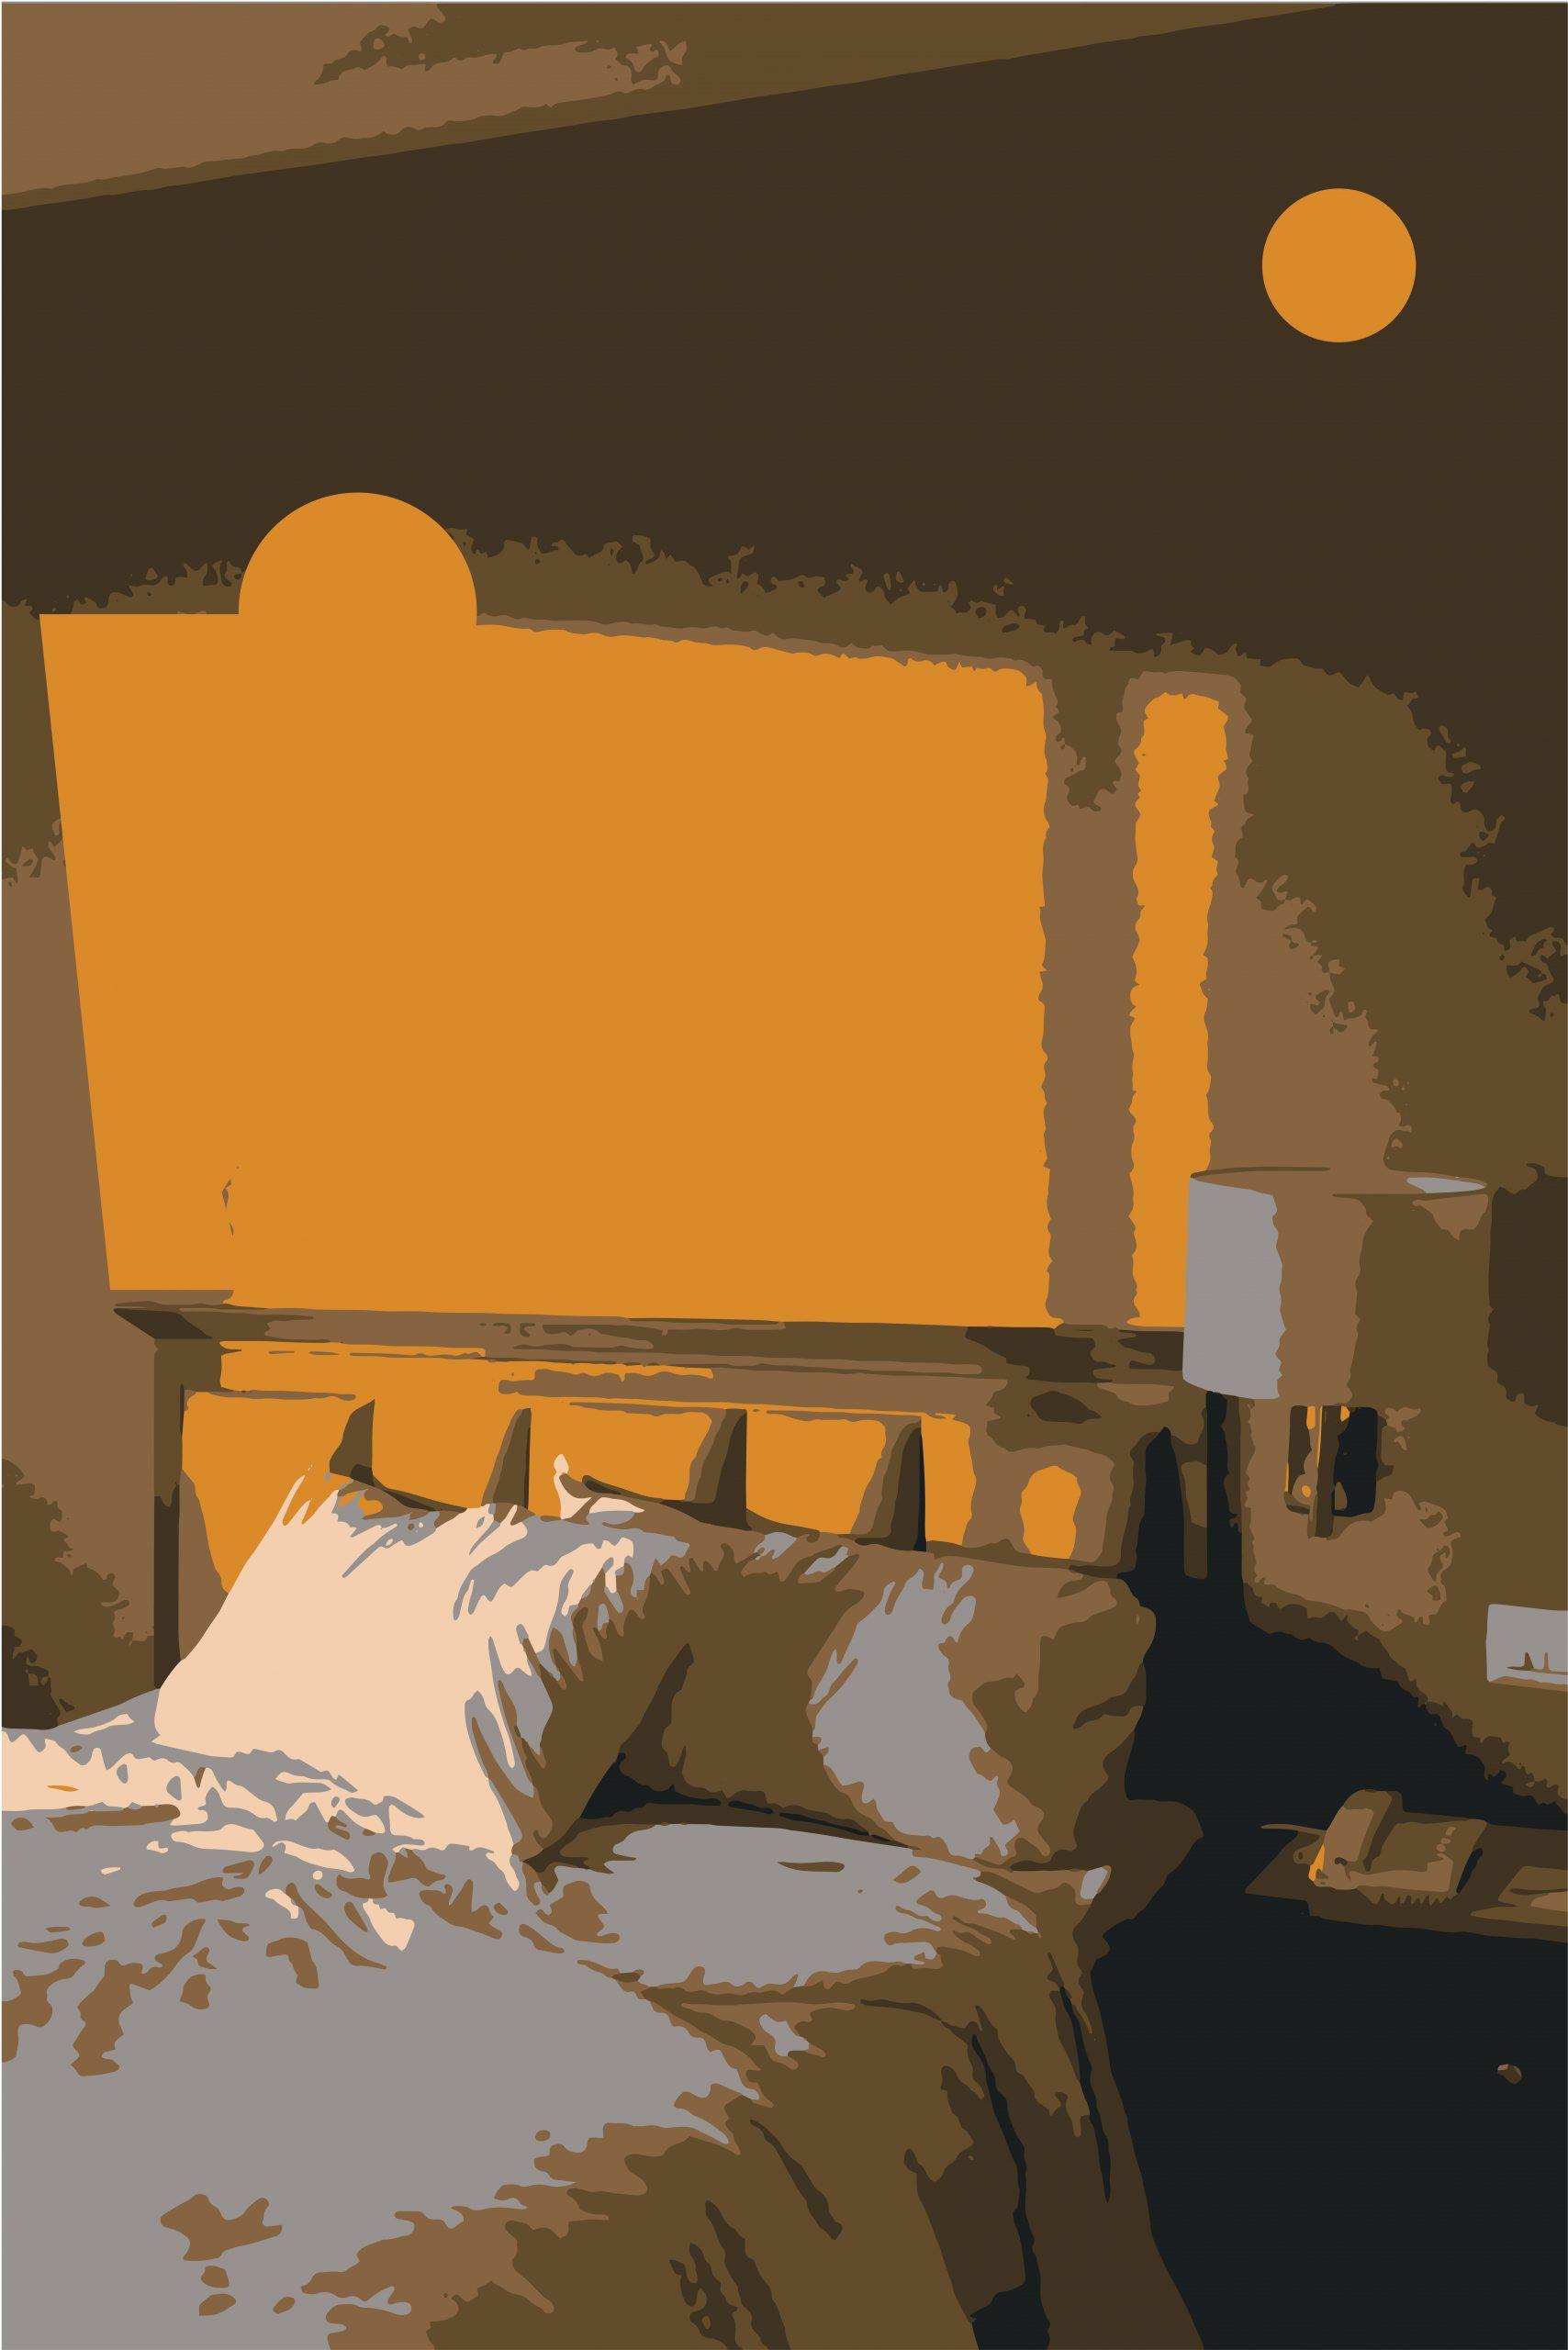 A bed illustration